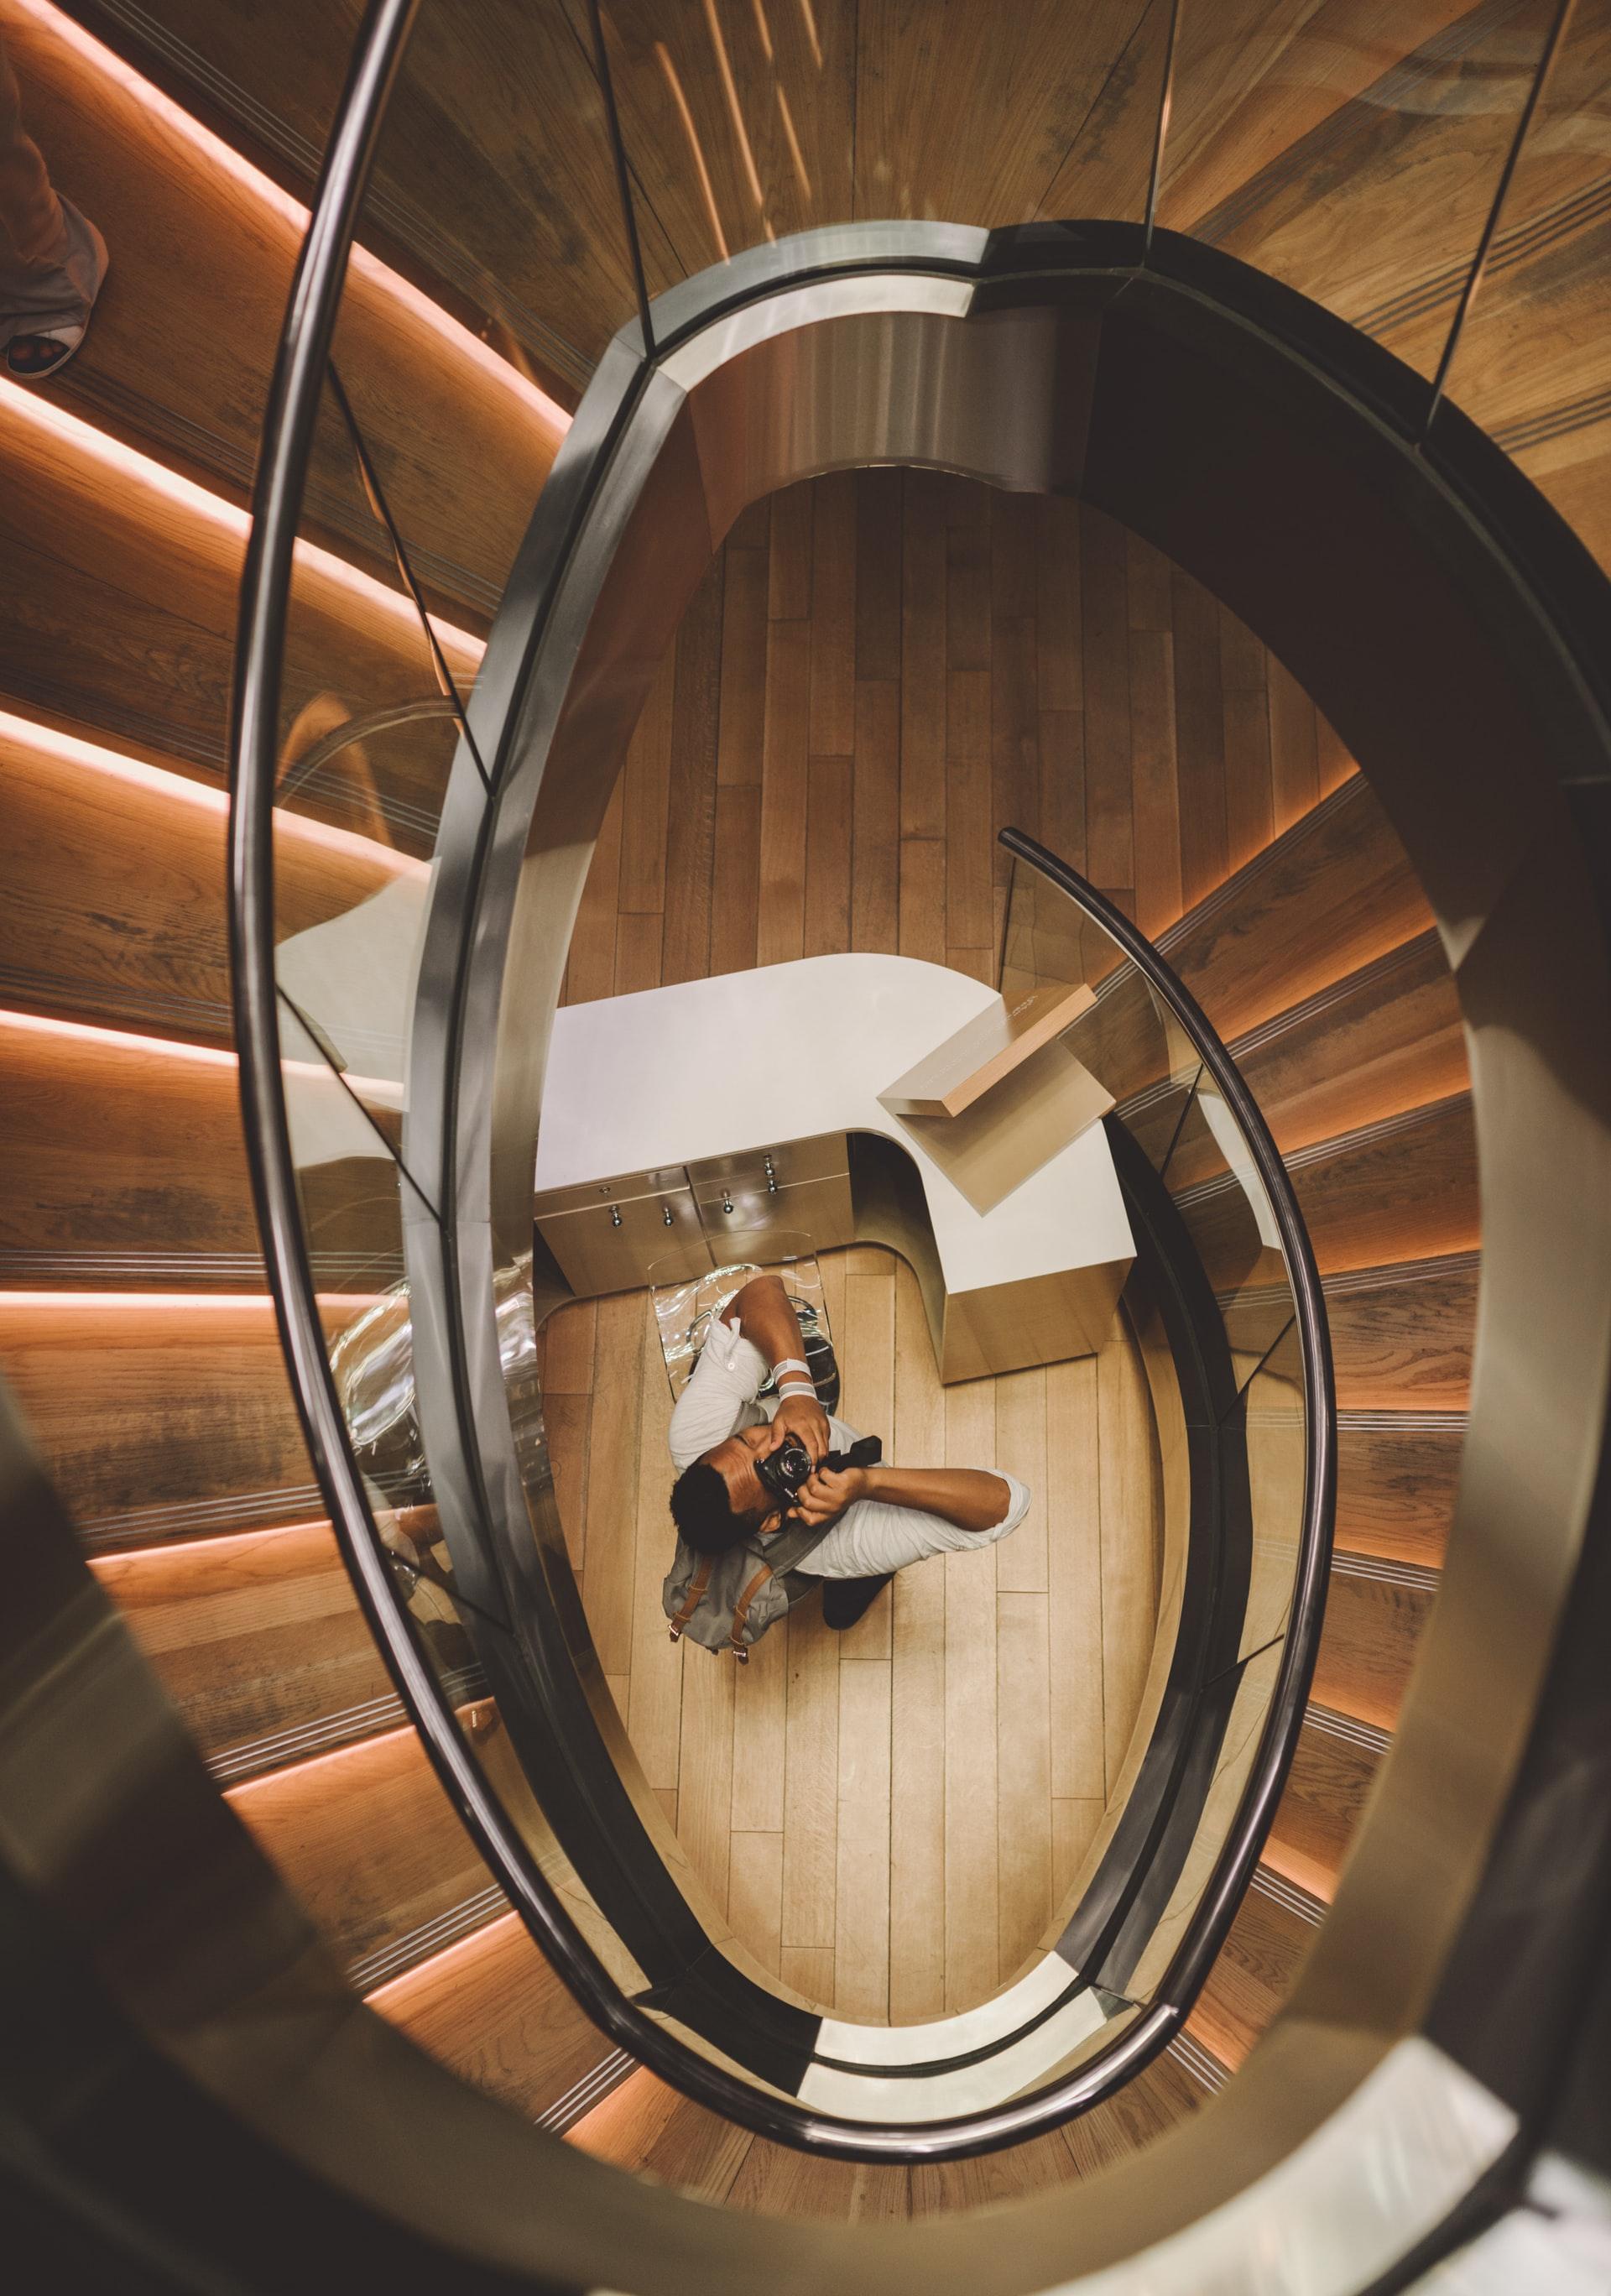 trepte în spirală cu balustrade de sticlă